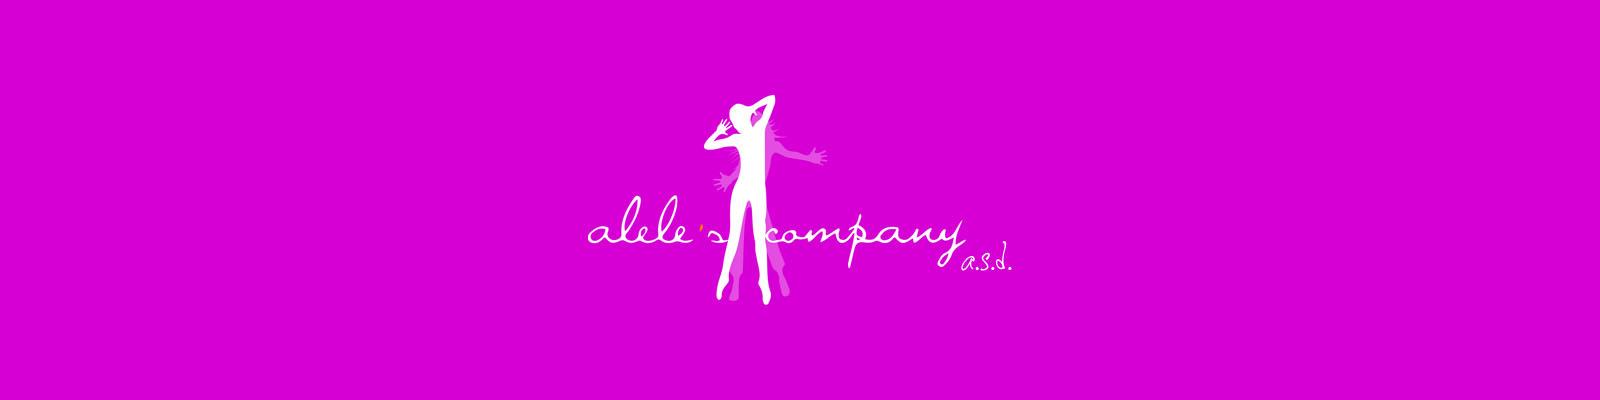 Break Dance Lacchiarella - Prenota subito la tua lezione di prova